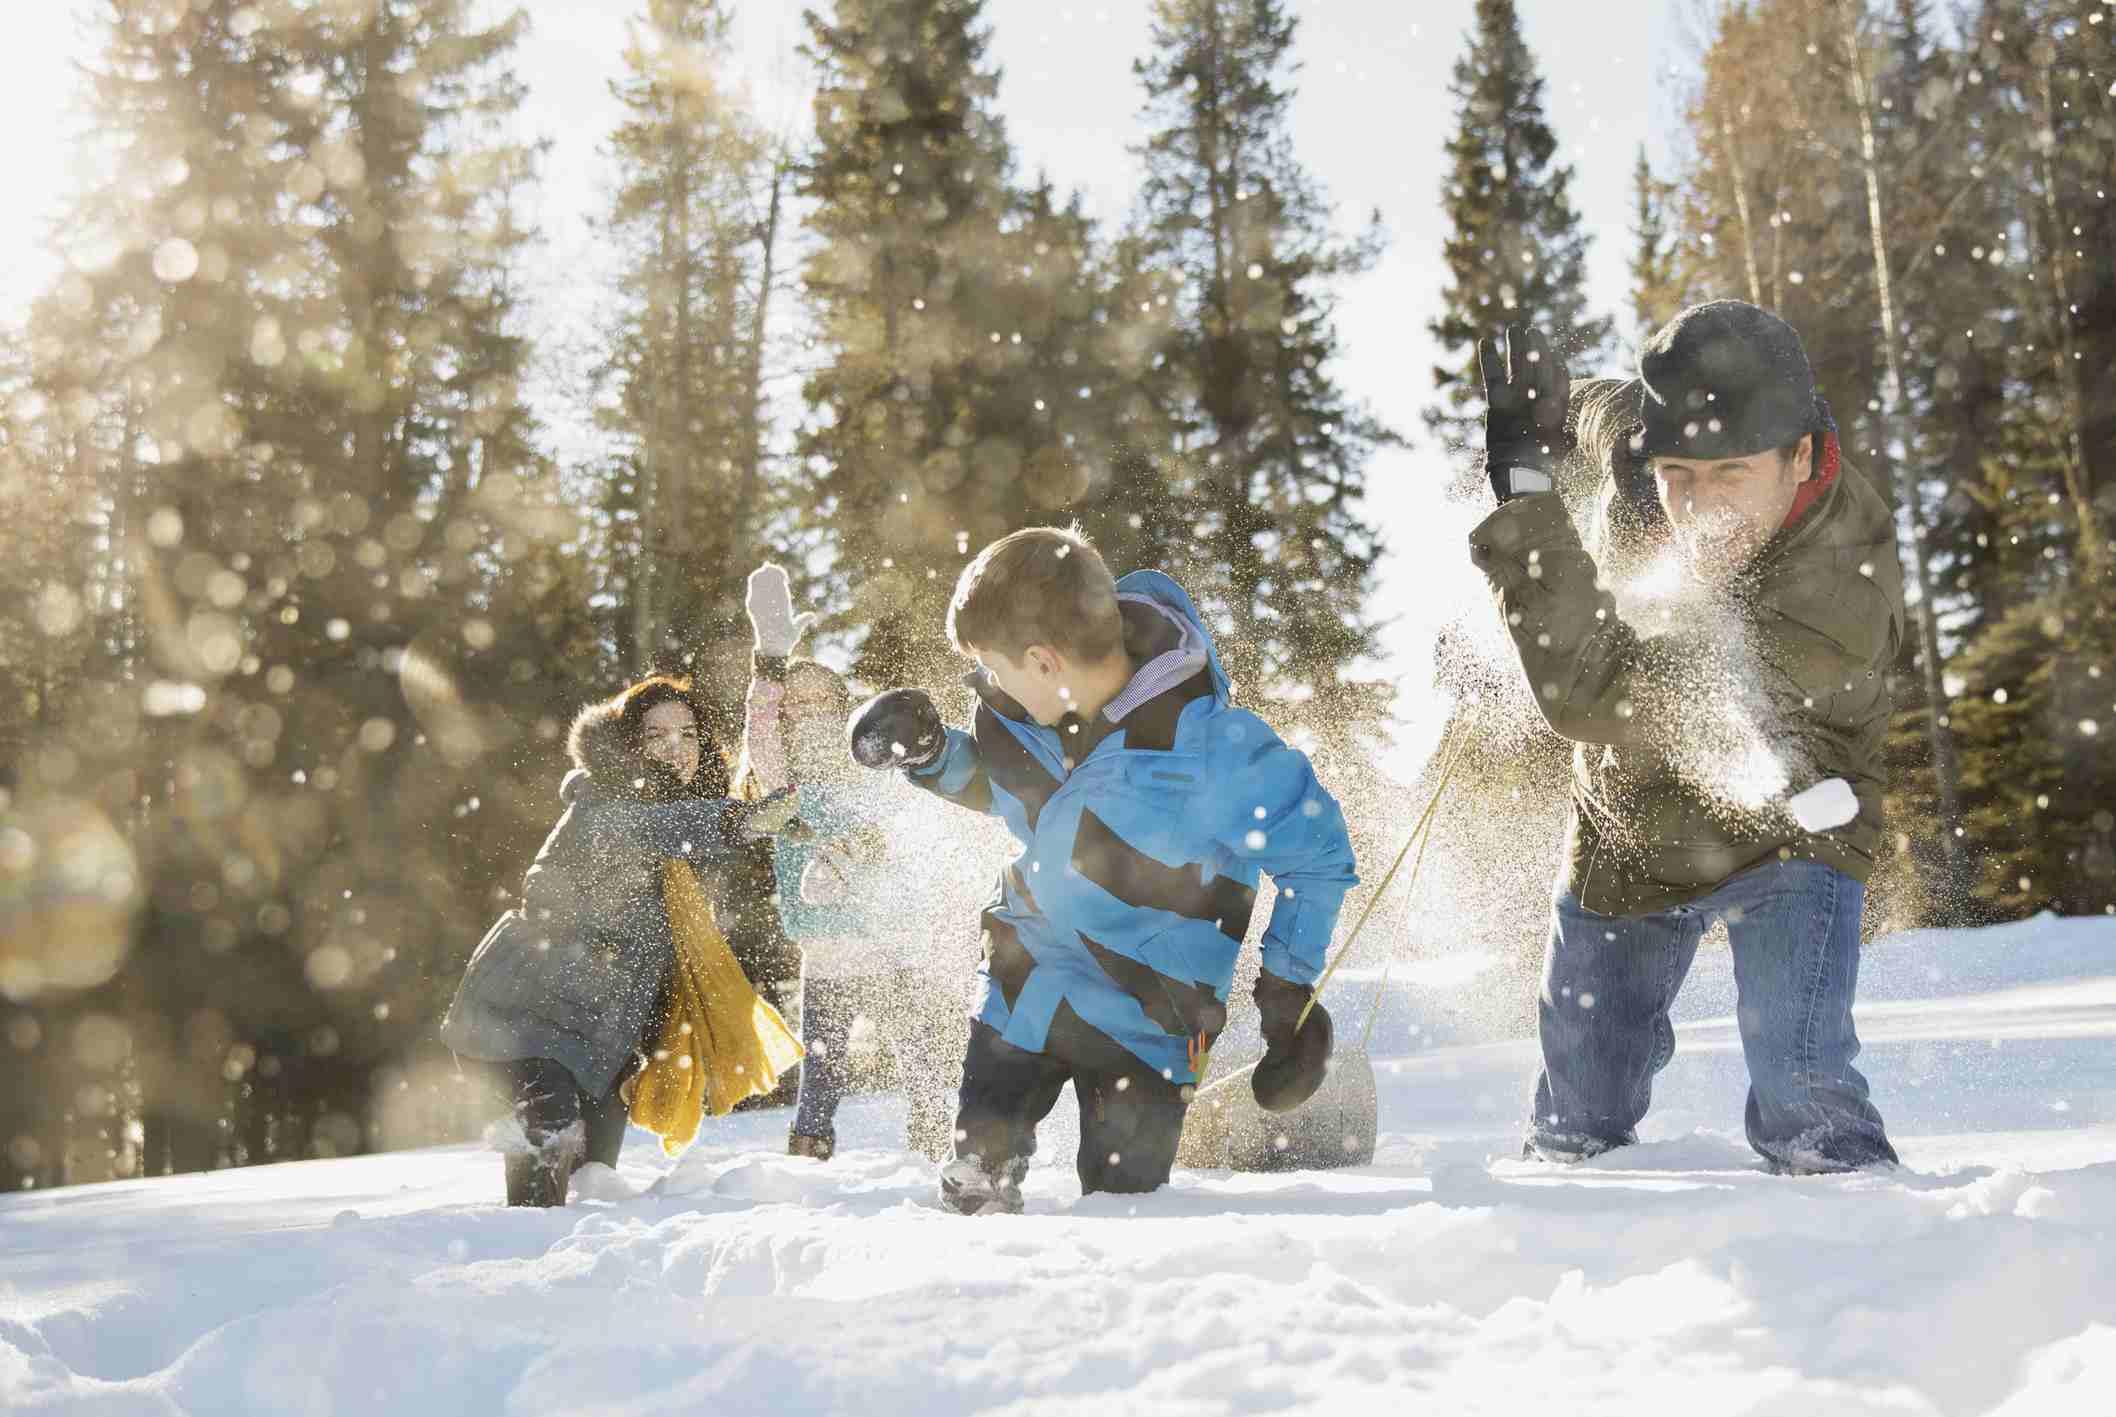 Familie in der Schneeballschlacht